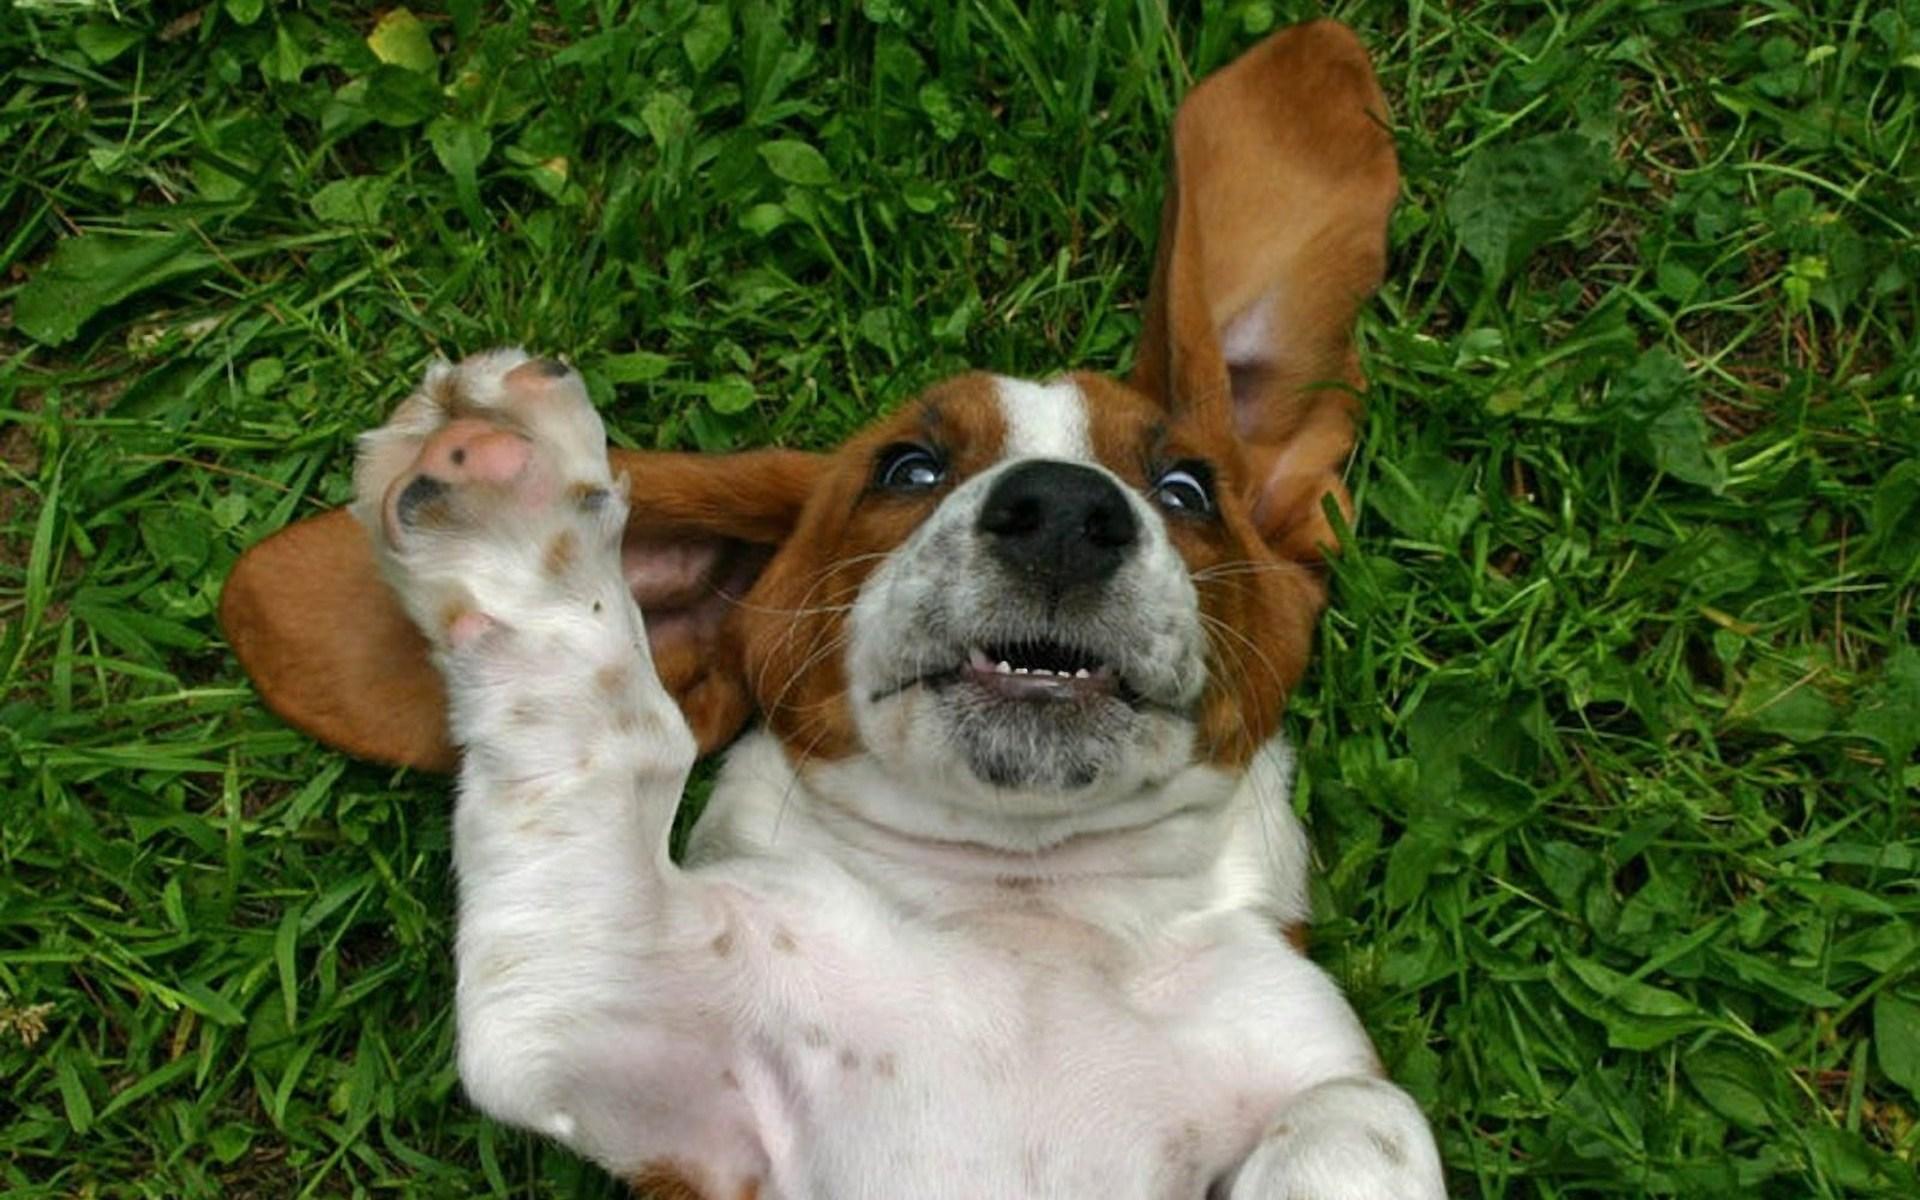 Beagle Wallpaper Screensavers - WallpaperSafari